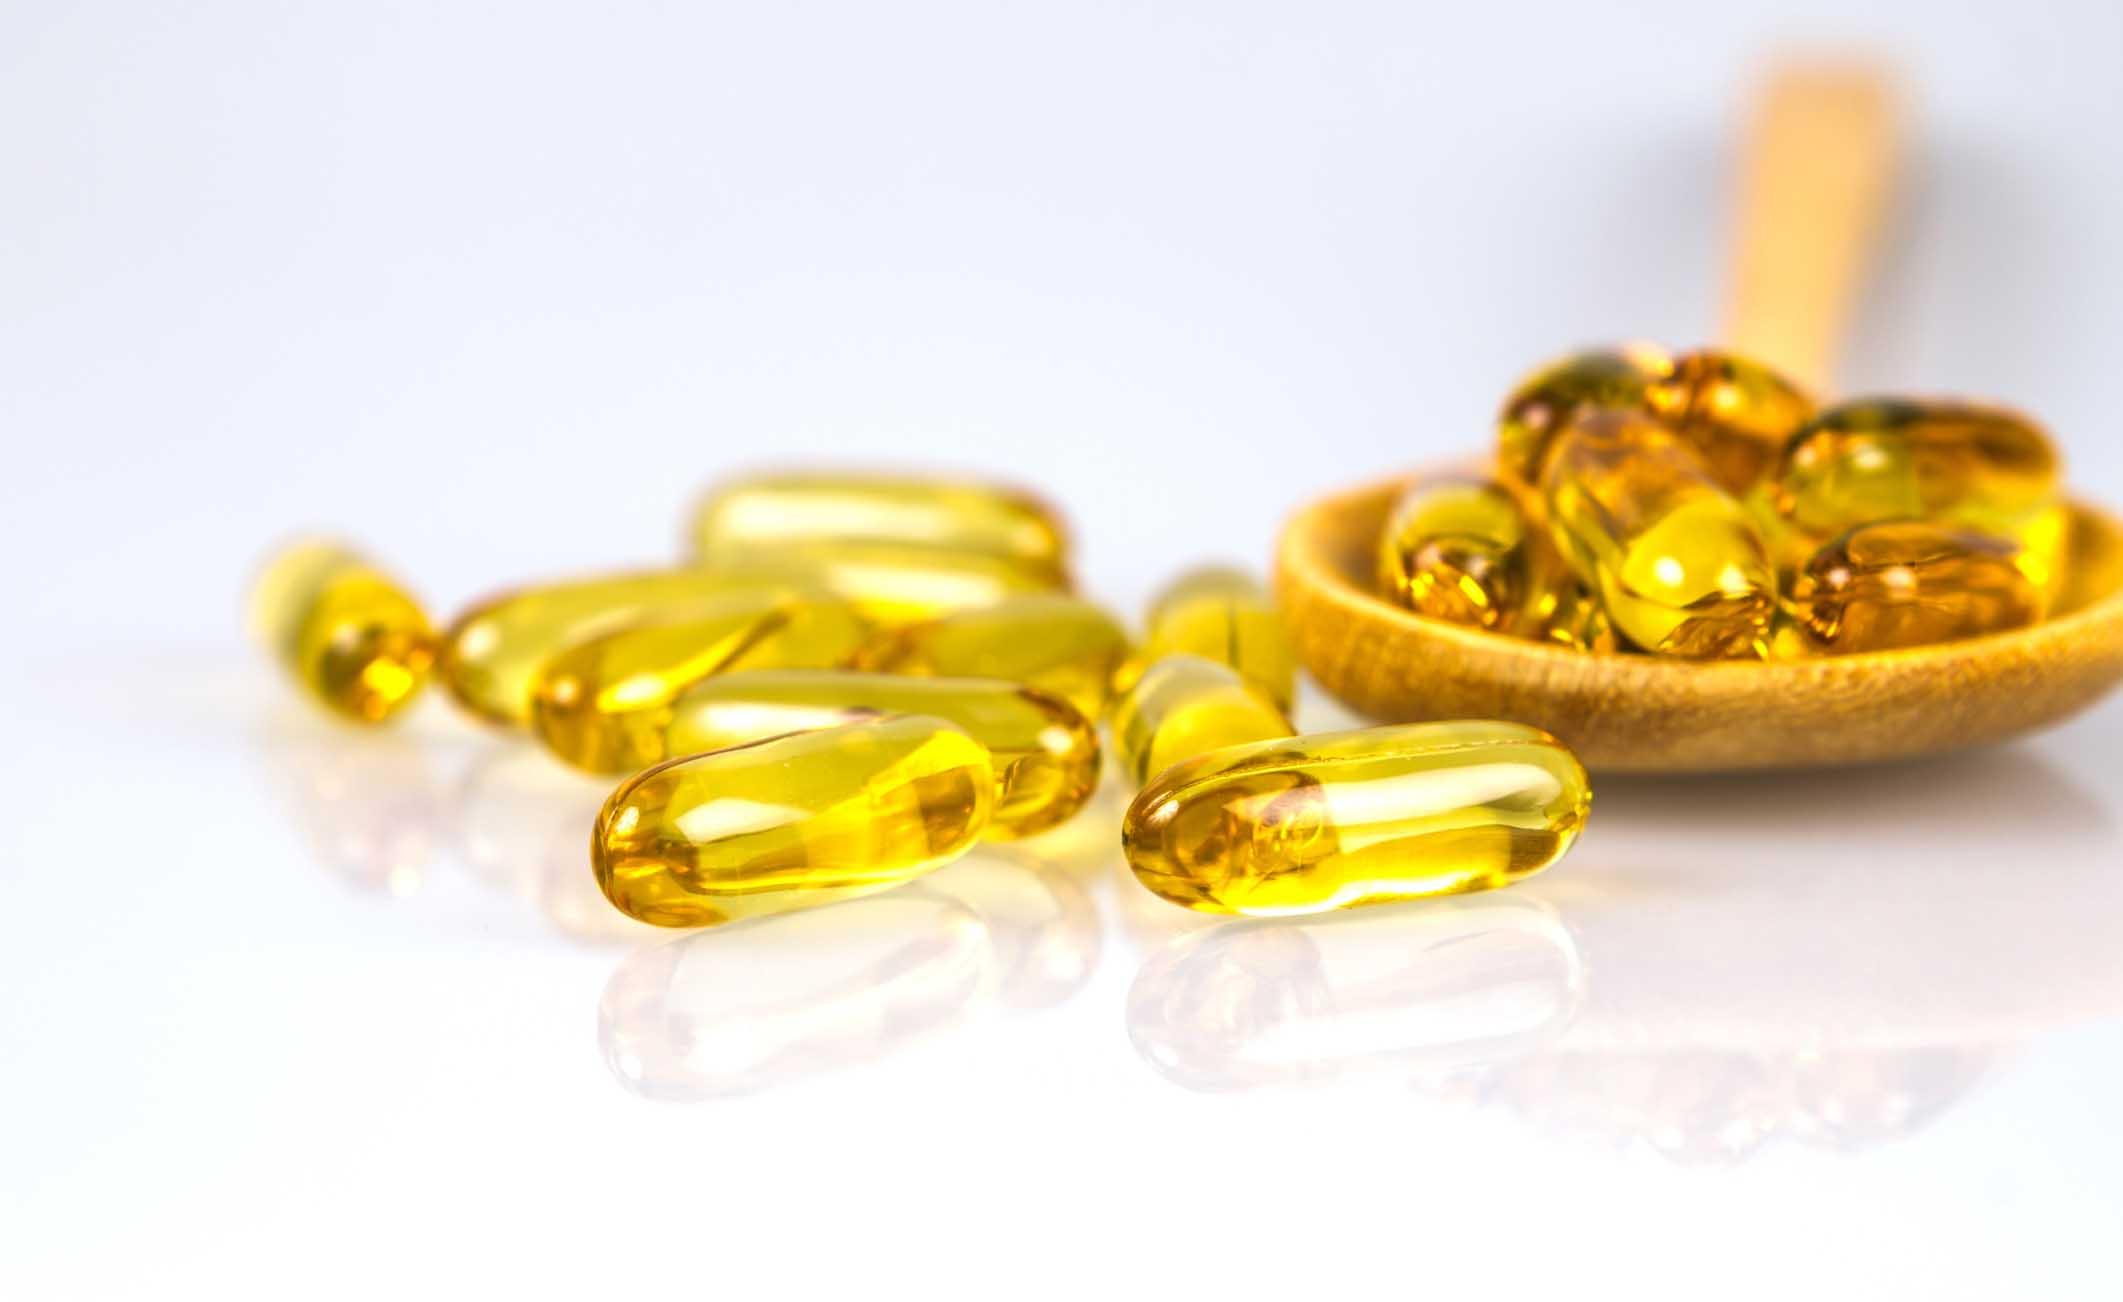 La vitamina D non ridurrebbe il rischio di tumore al colon